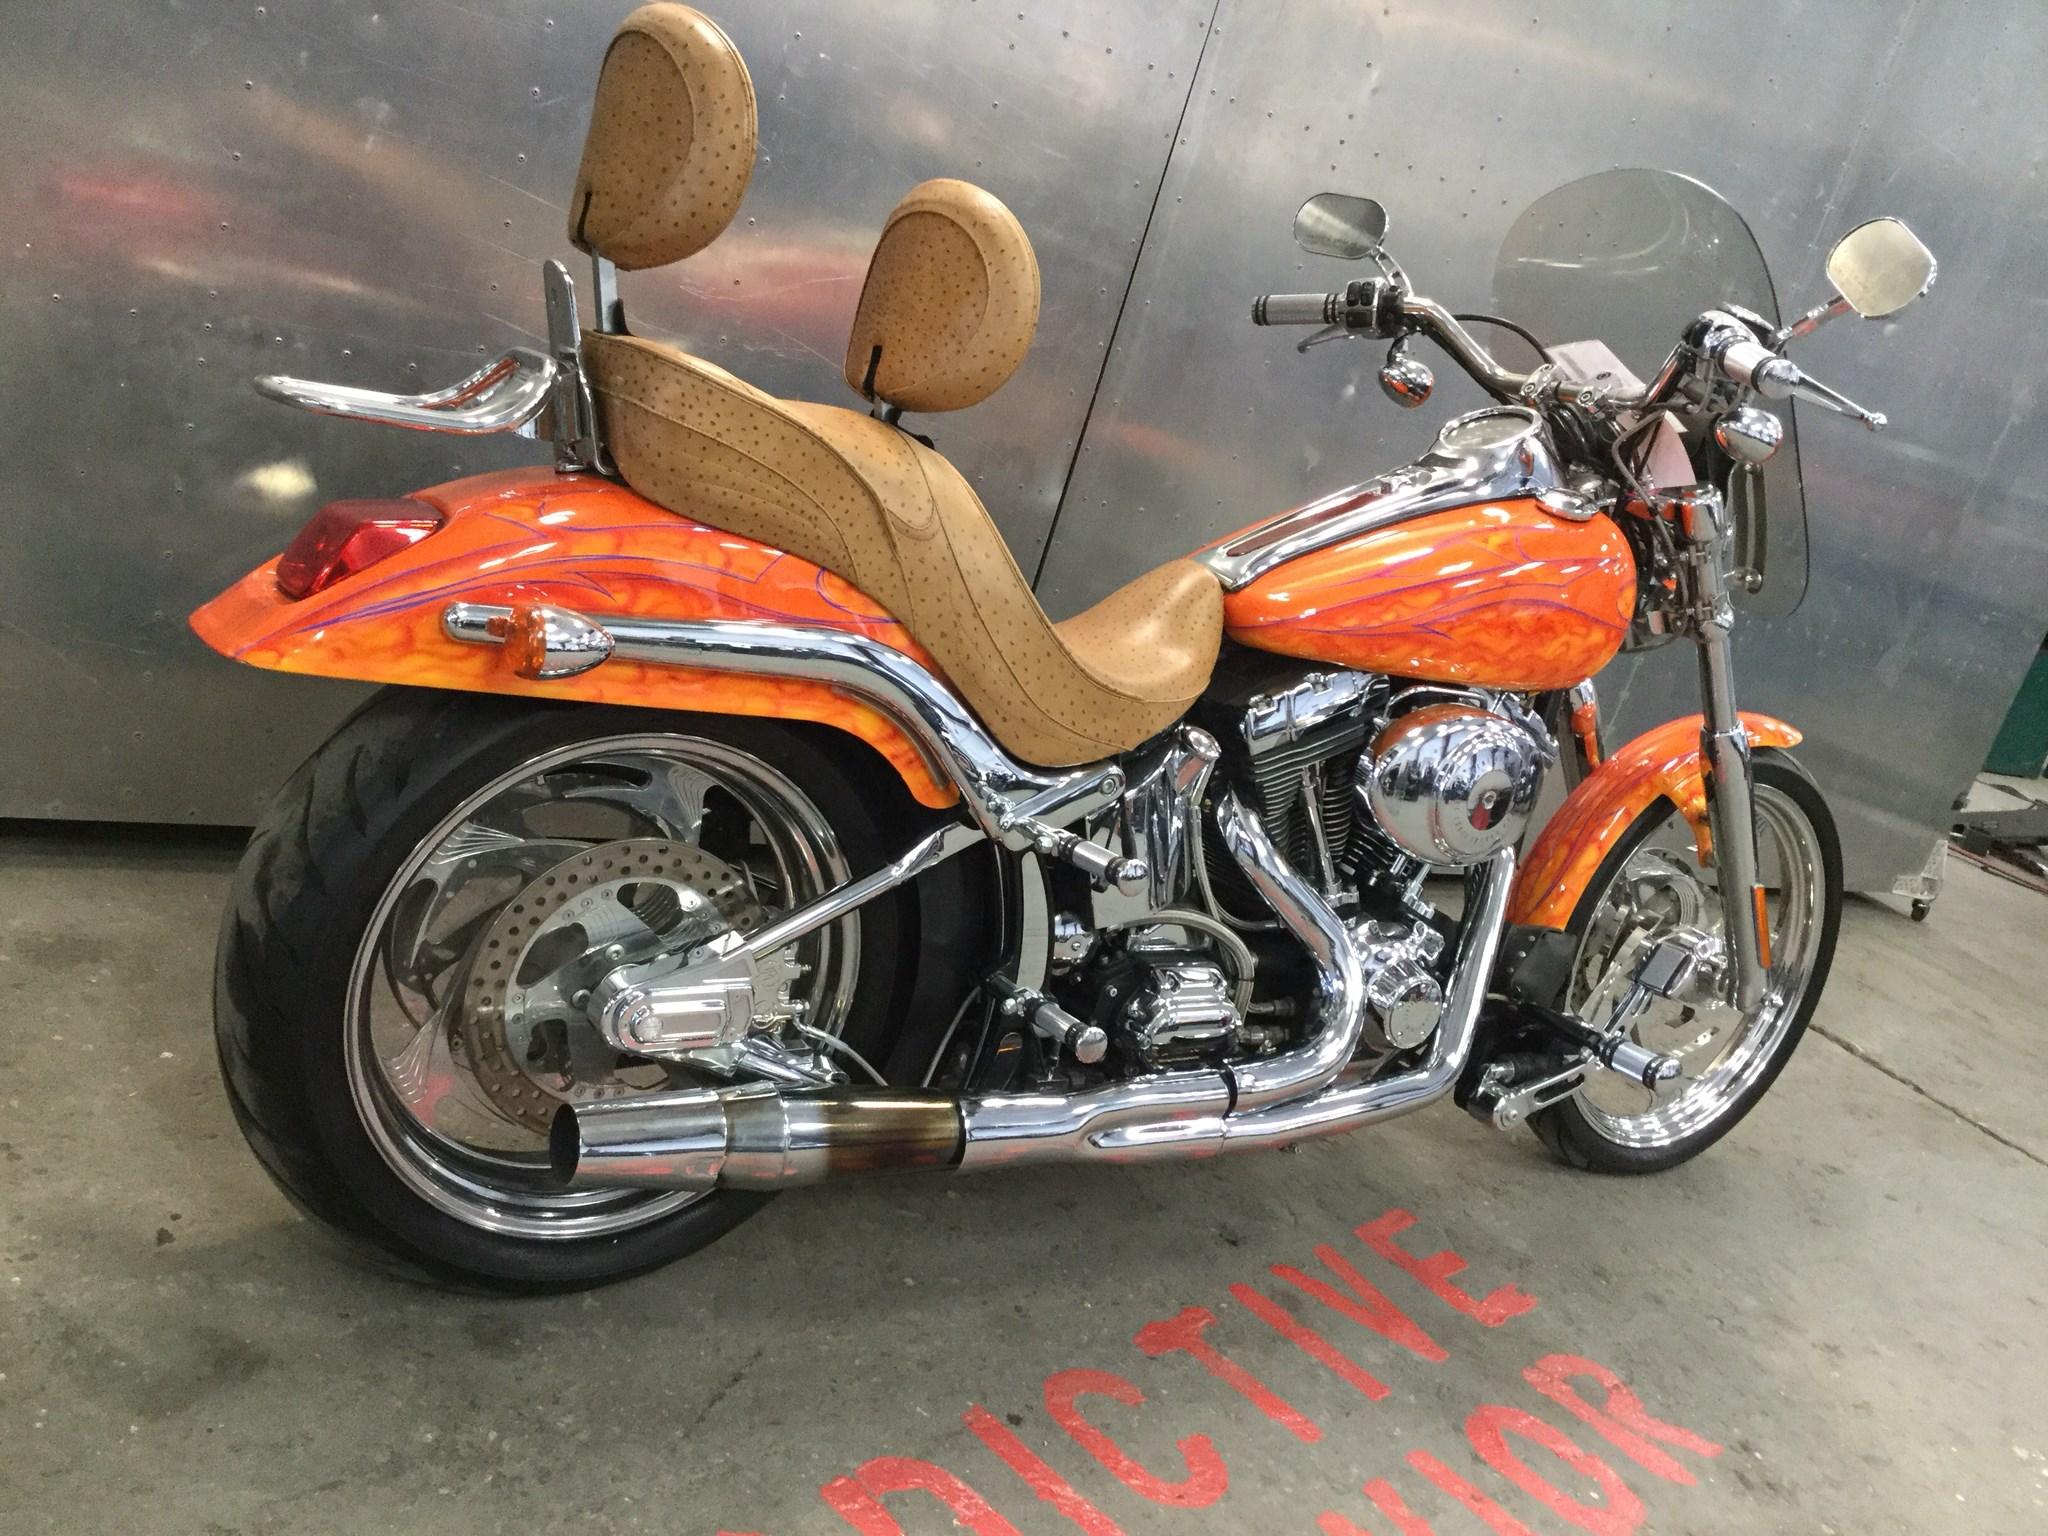 2001 Harley I Softail U00ae Deuce U2122  Orange